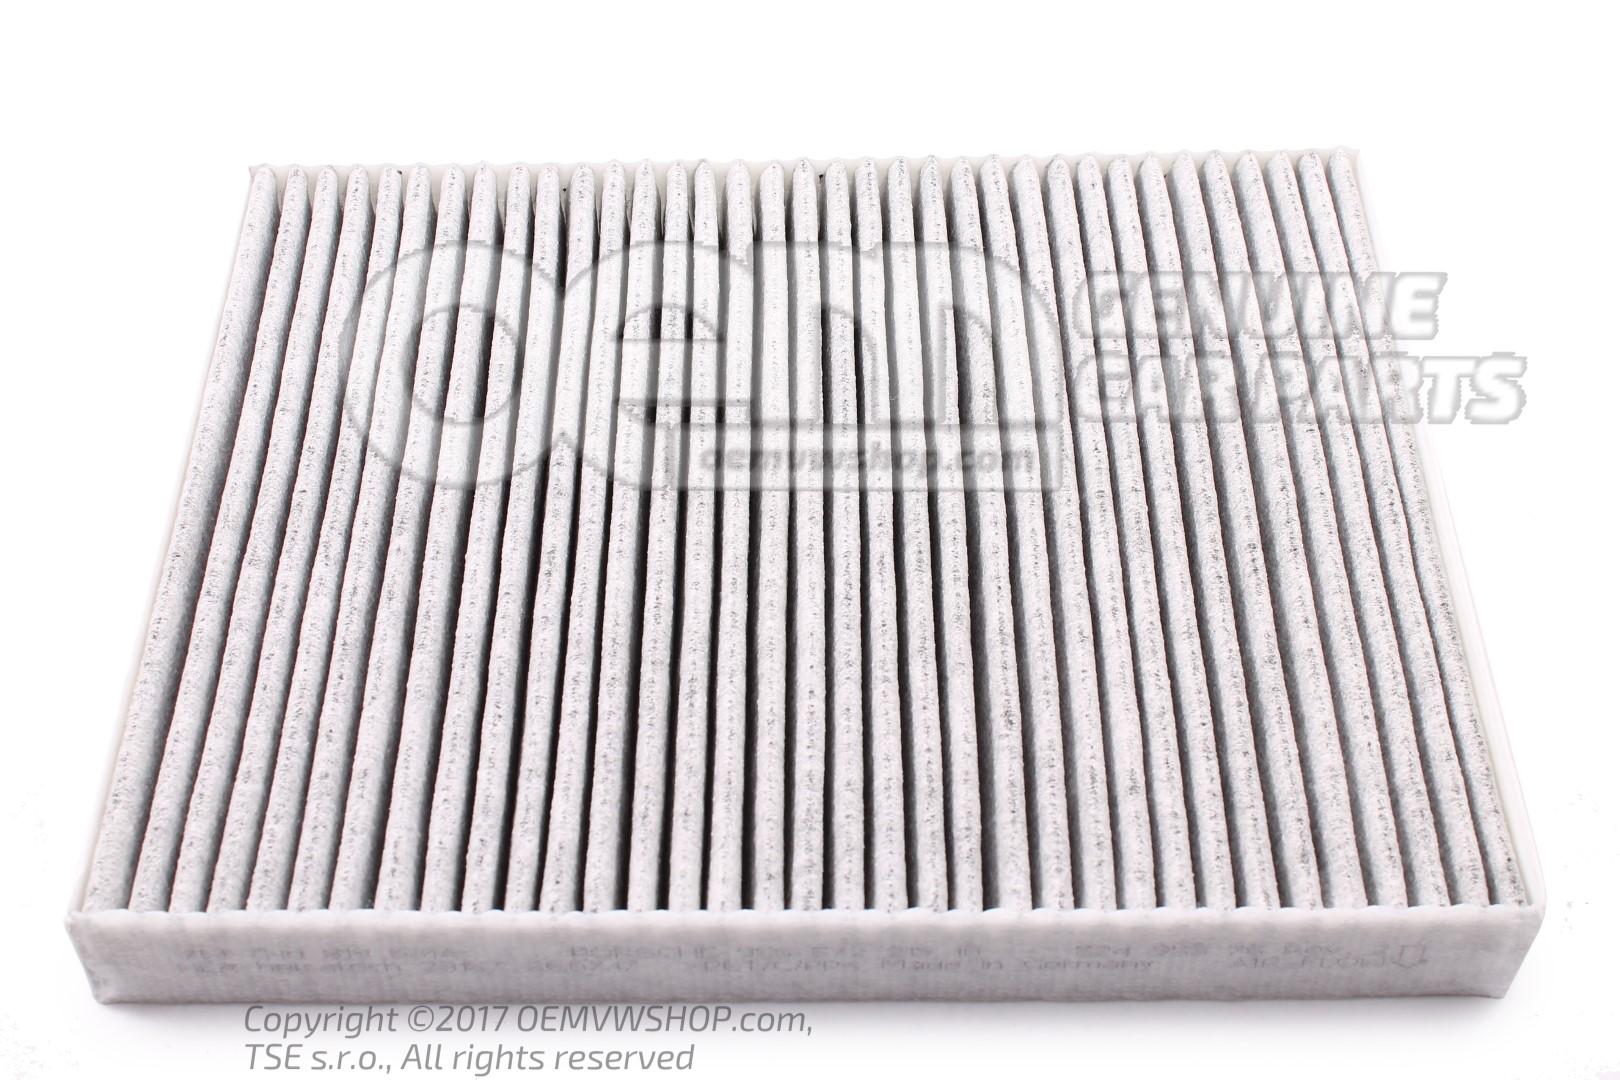 filtre a poussiere pollen cartouche avec filtre des odeurs et subst polluantes 7h0819631a. Black Bedroom Furniture Sets. Home Design Ideas